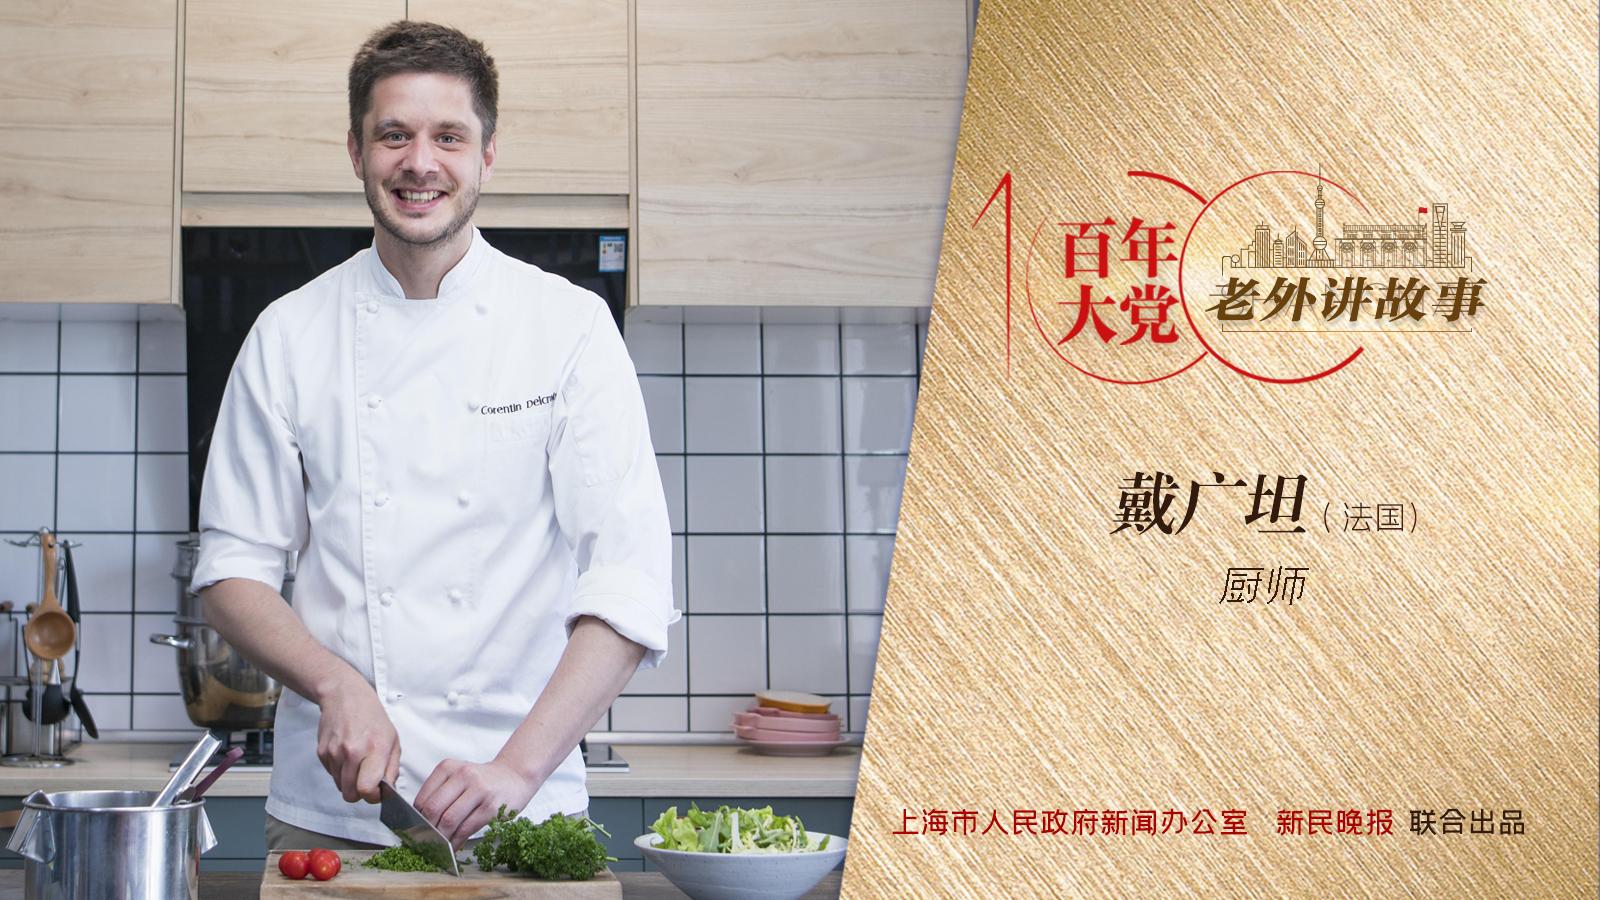 第45期 | 戴广坦:炒蛋、豆腐煲、土豆烧刀豆,法国厨师生涯始于这三道中餐